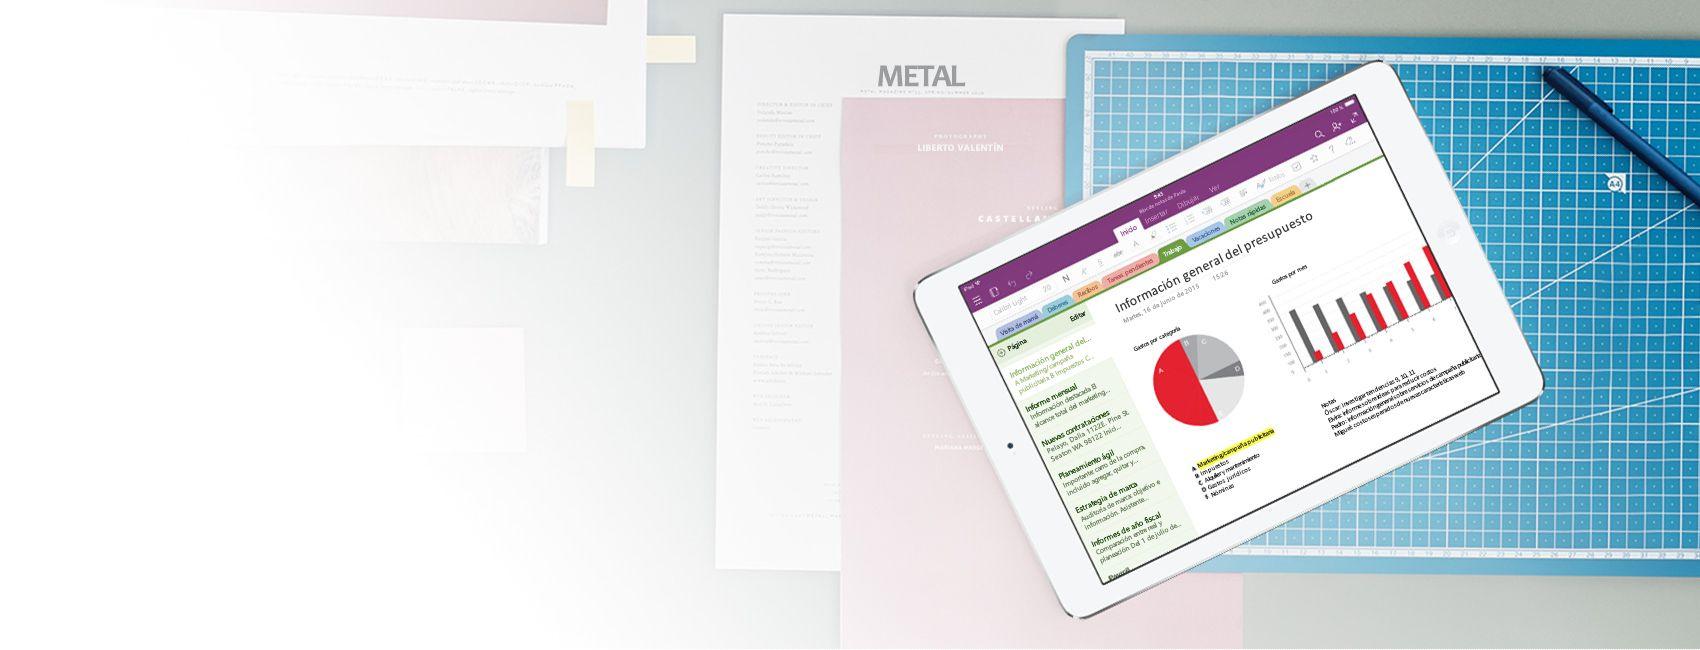 Un iPad en el que se muestra un bloc de notas de OneNote con diagramas y gráficos de visión general de presupuesto